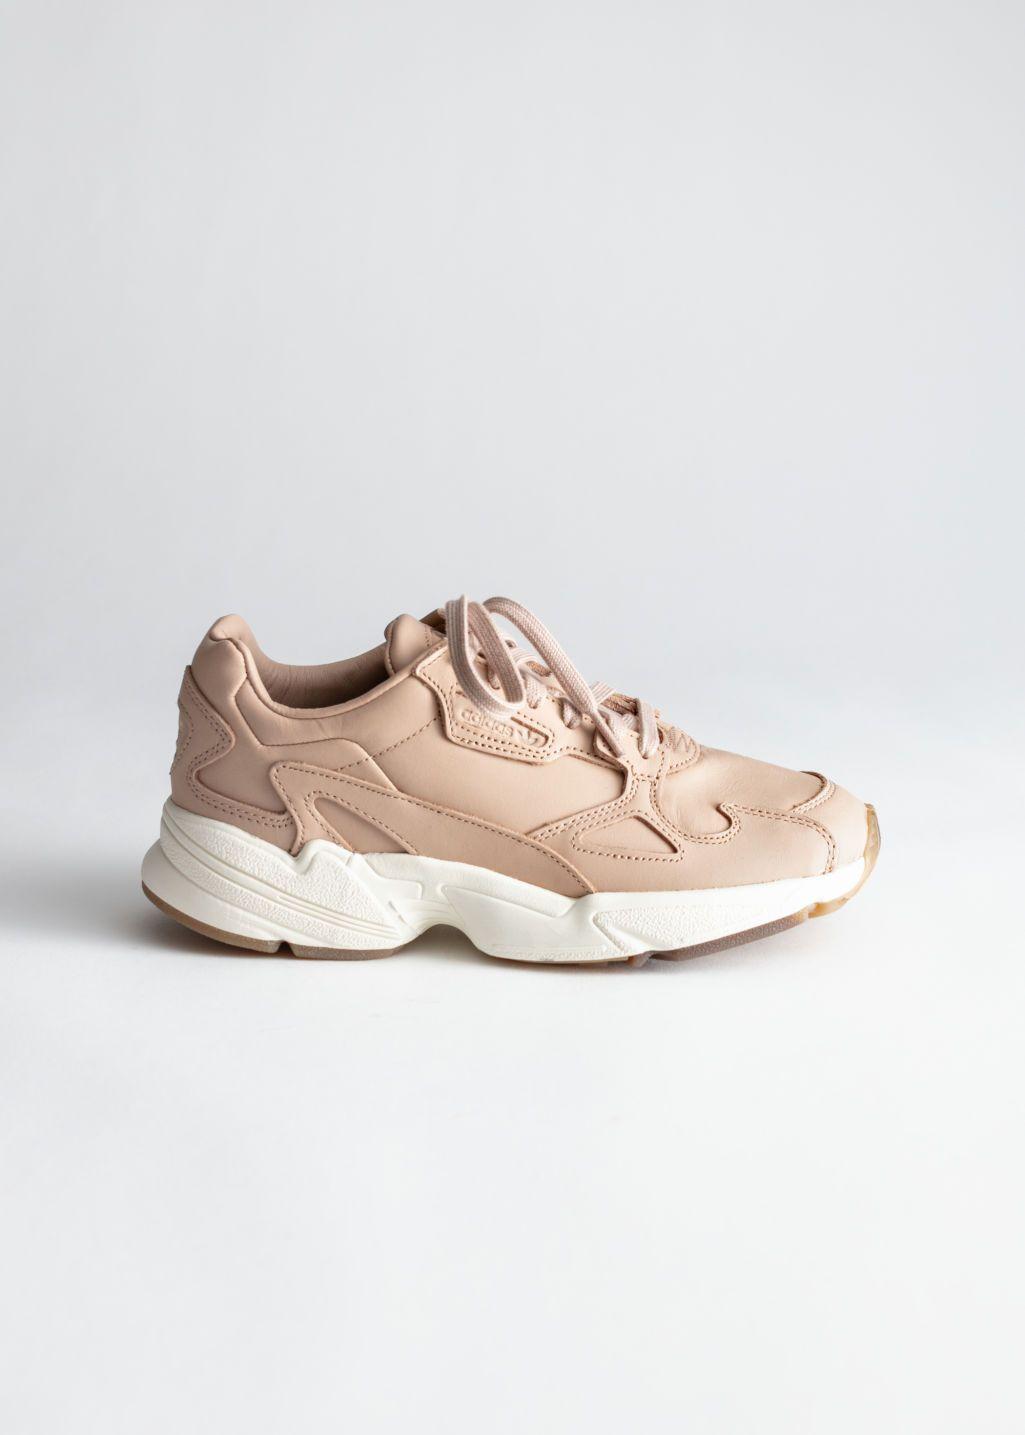 adidas originals premium leather falcon trainers in beige